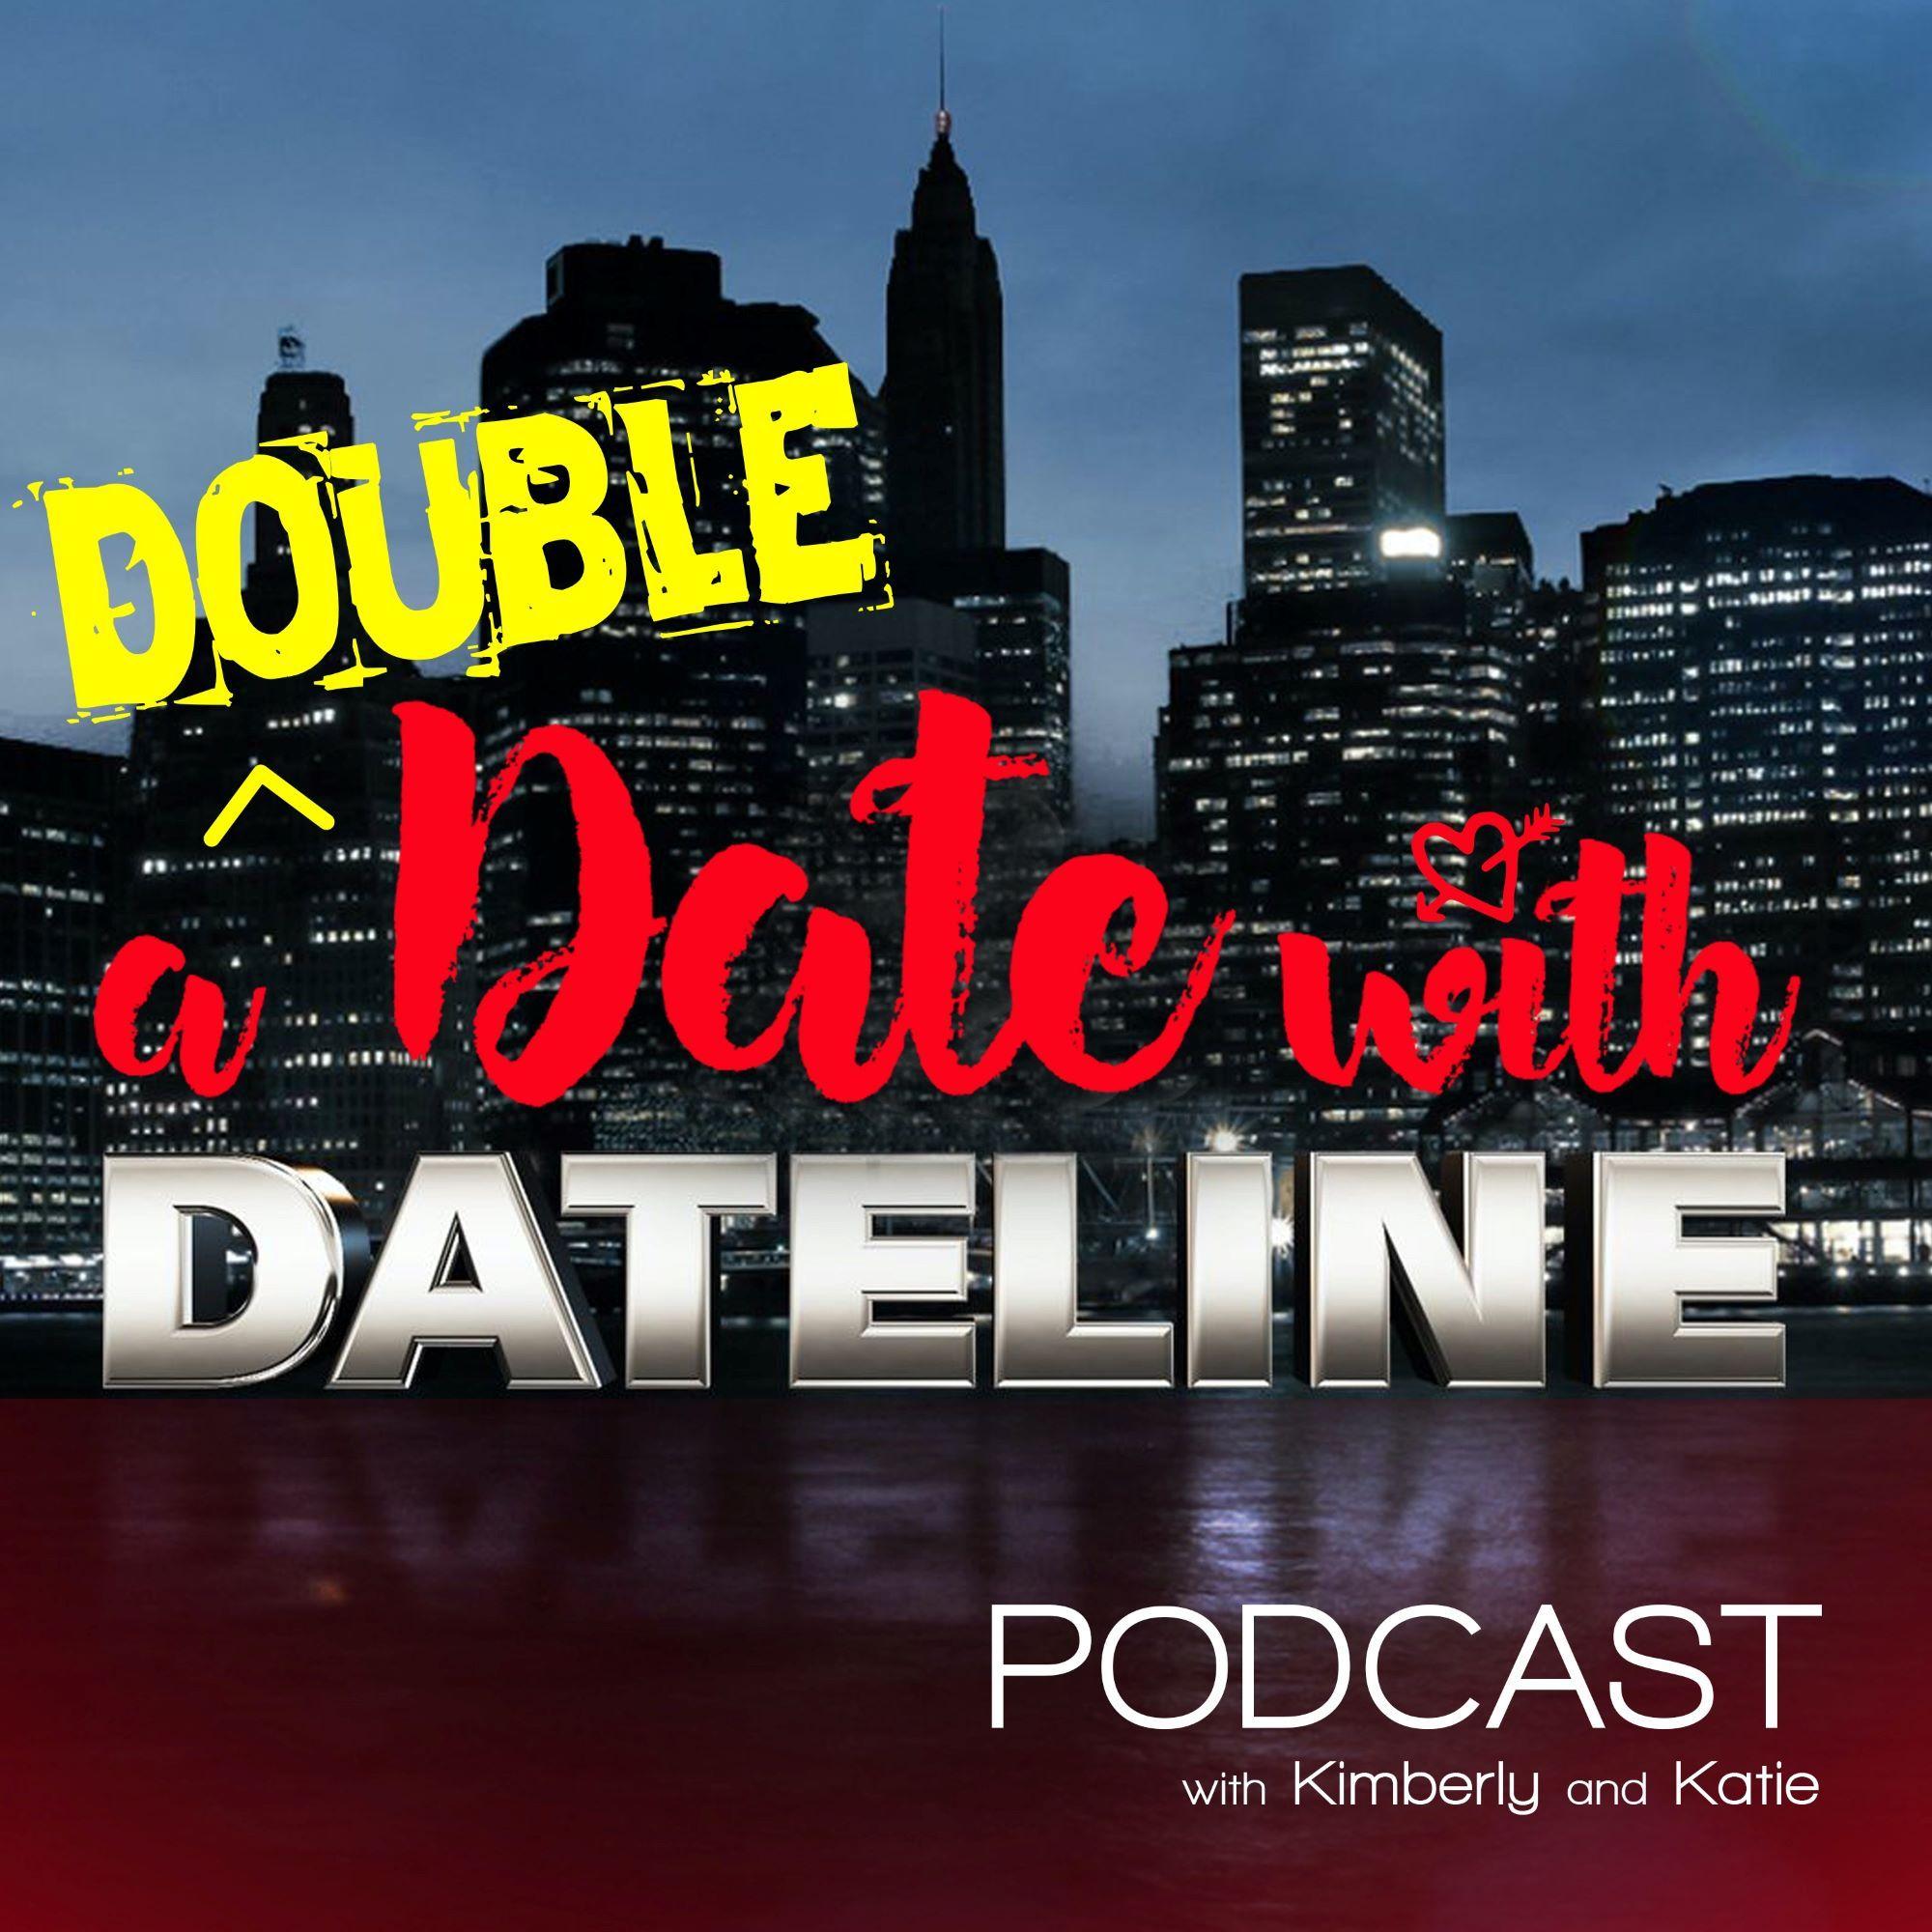 Double Date: Betrayed S.2 Ep.10 - Hells Bells